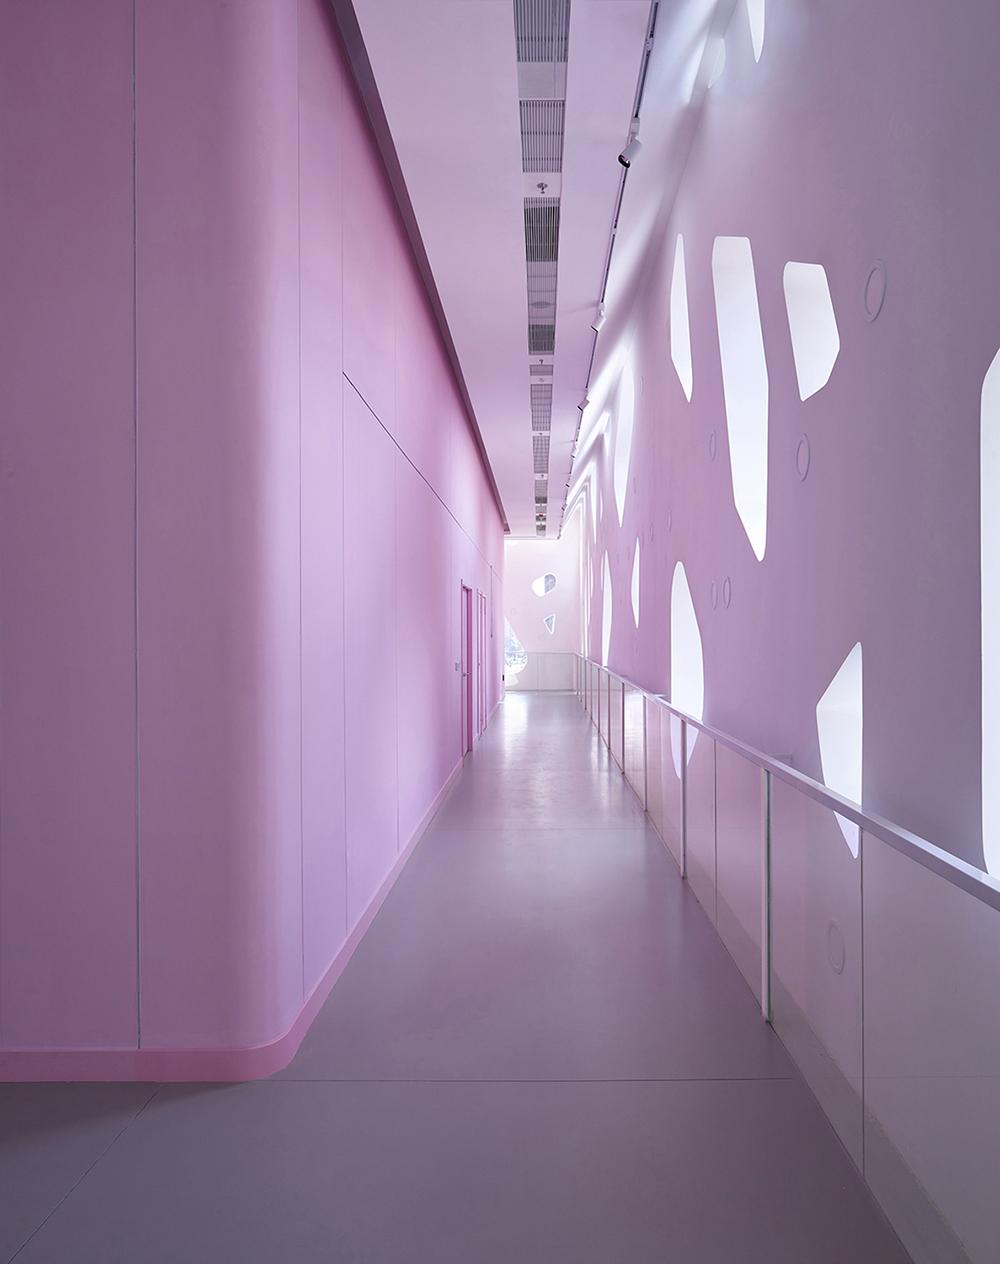 Promenade corridor outside of the exhibition halls Su Chen